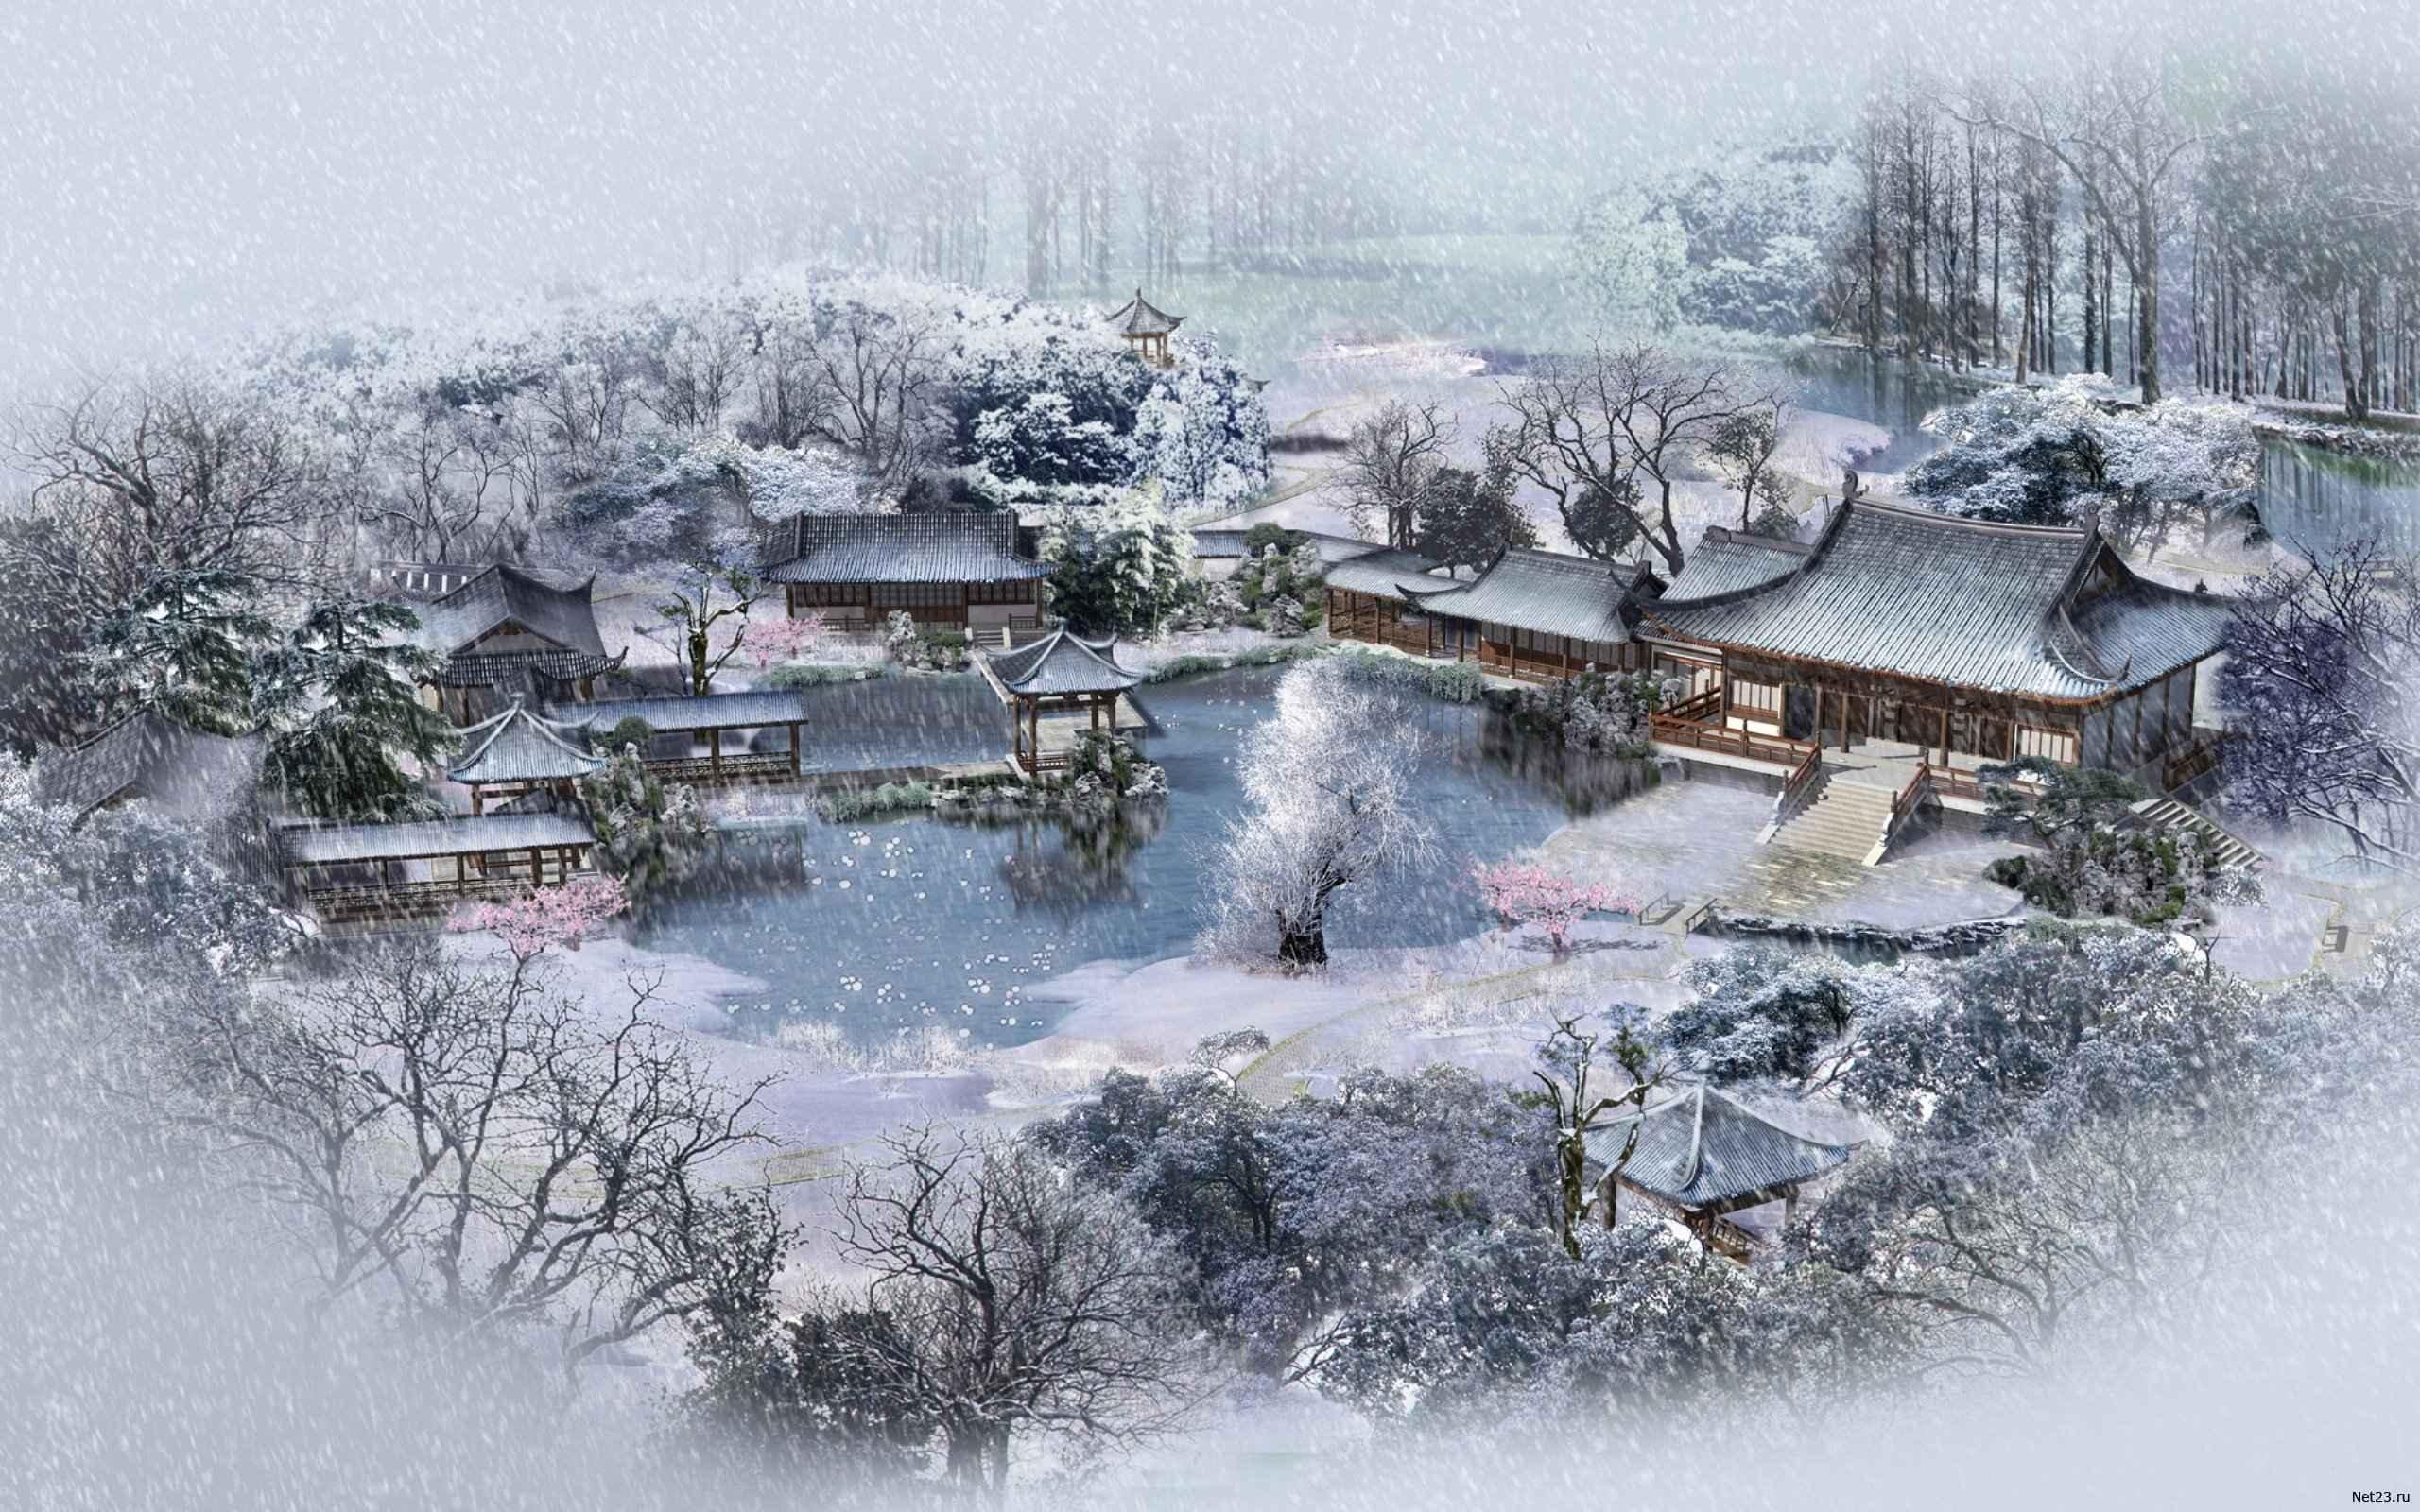 Начало сезона зима по китайскому календарю в 2013 году